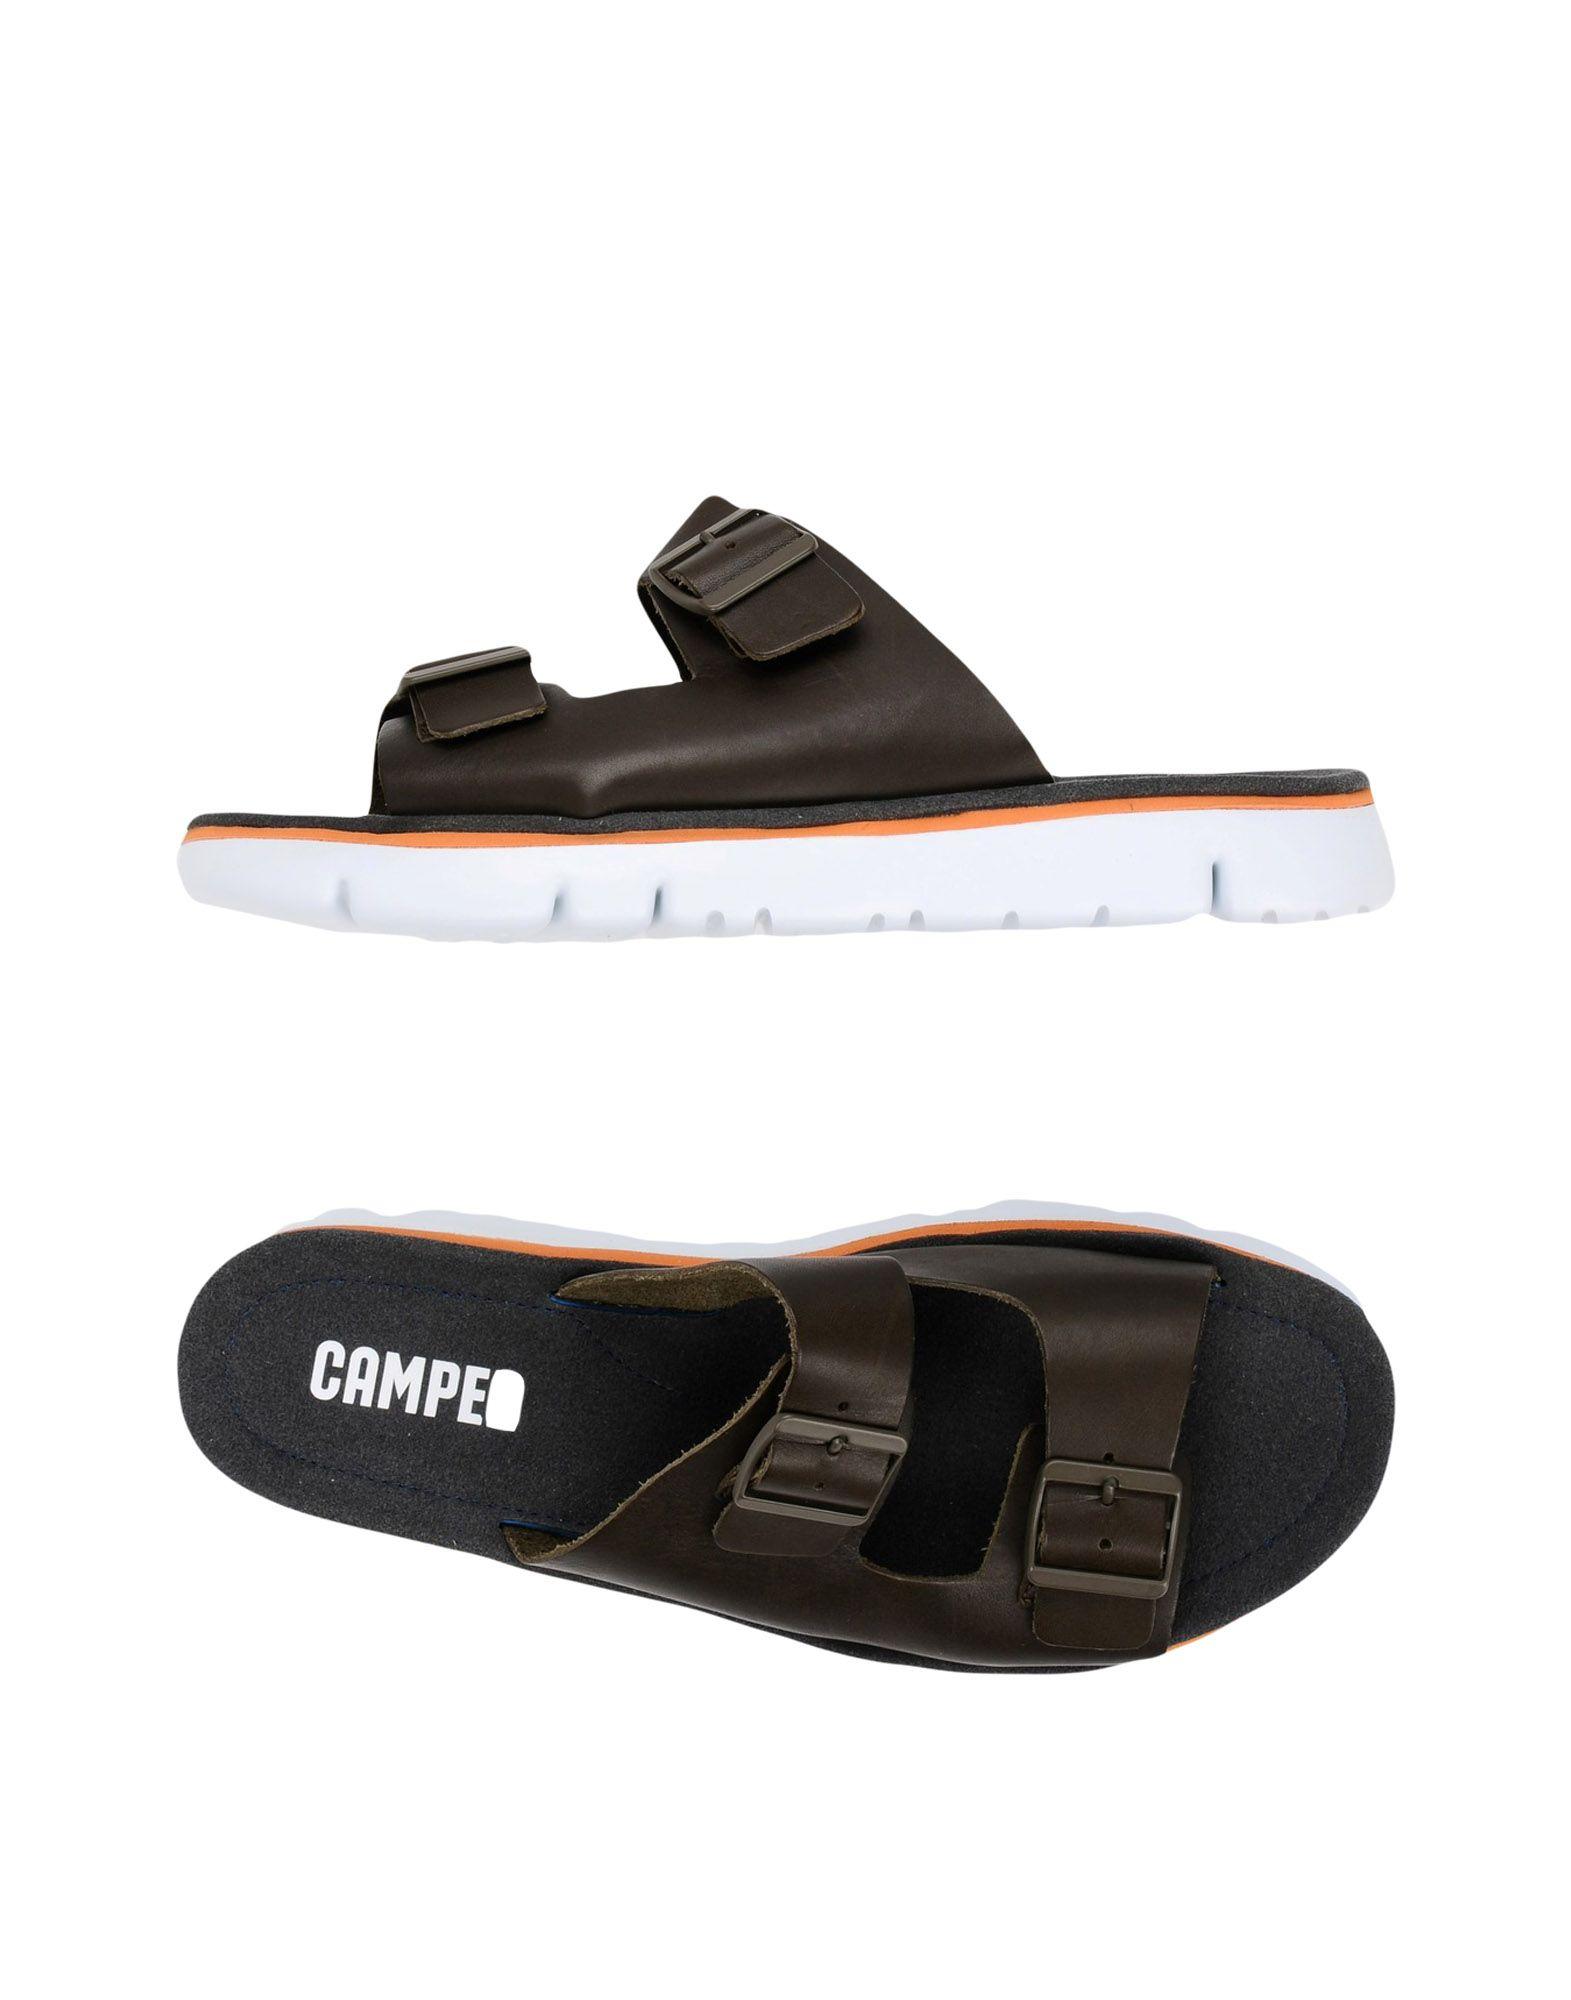 Sandales Camper Oruga Sandal - Homme - Sandales Camper sur